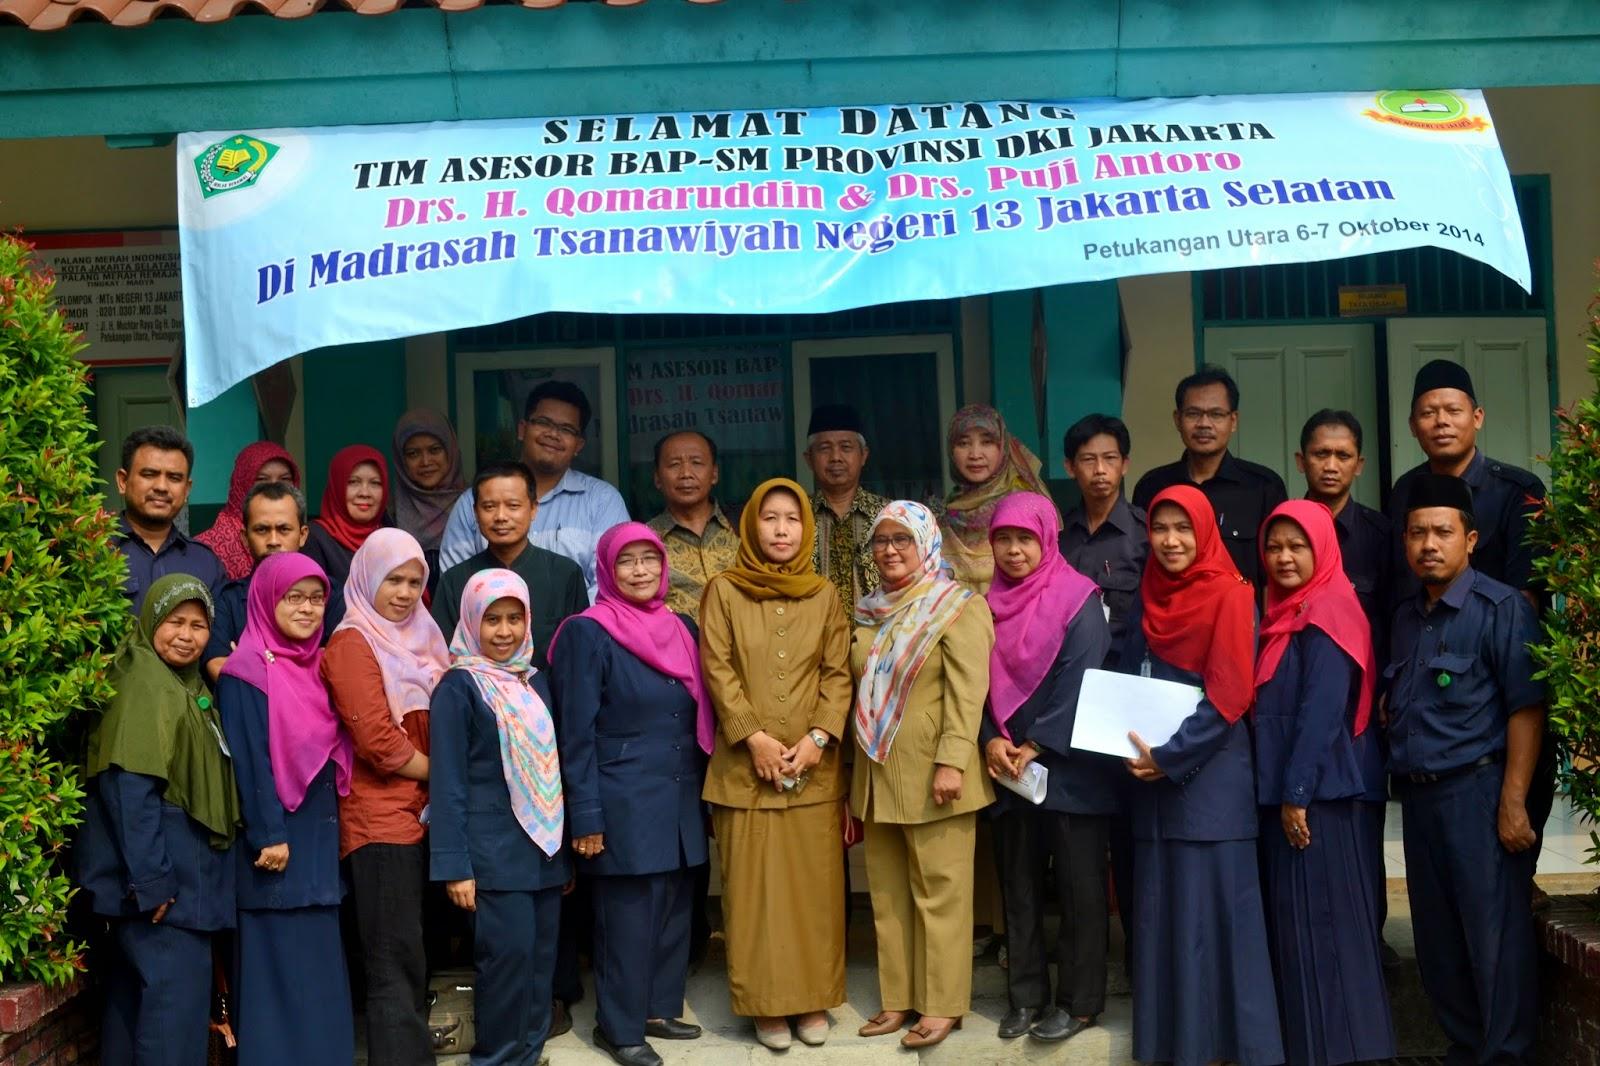 foto bersama Tim Asesor BAP-Provinsi DKI Jakarta Bersama Guru dan ...